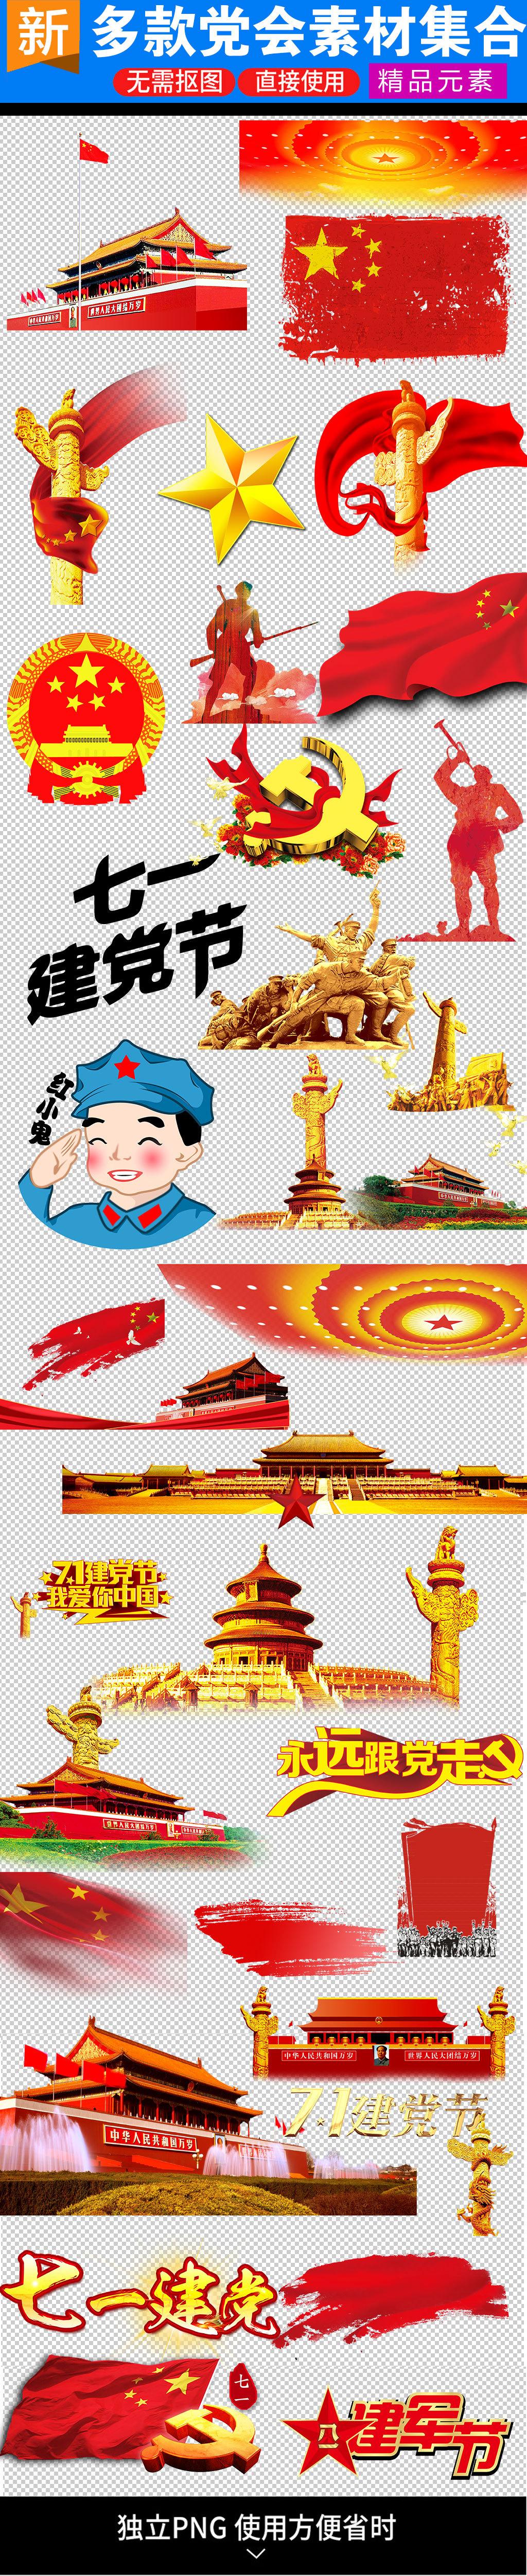 中国国旗天安门人民大会堂背景素材